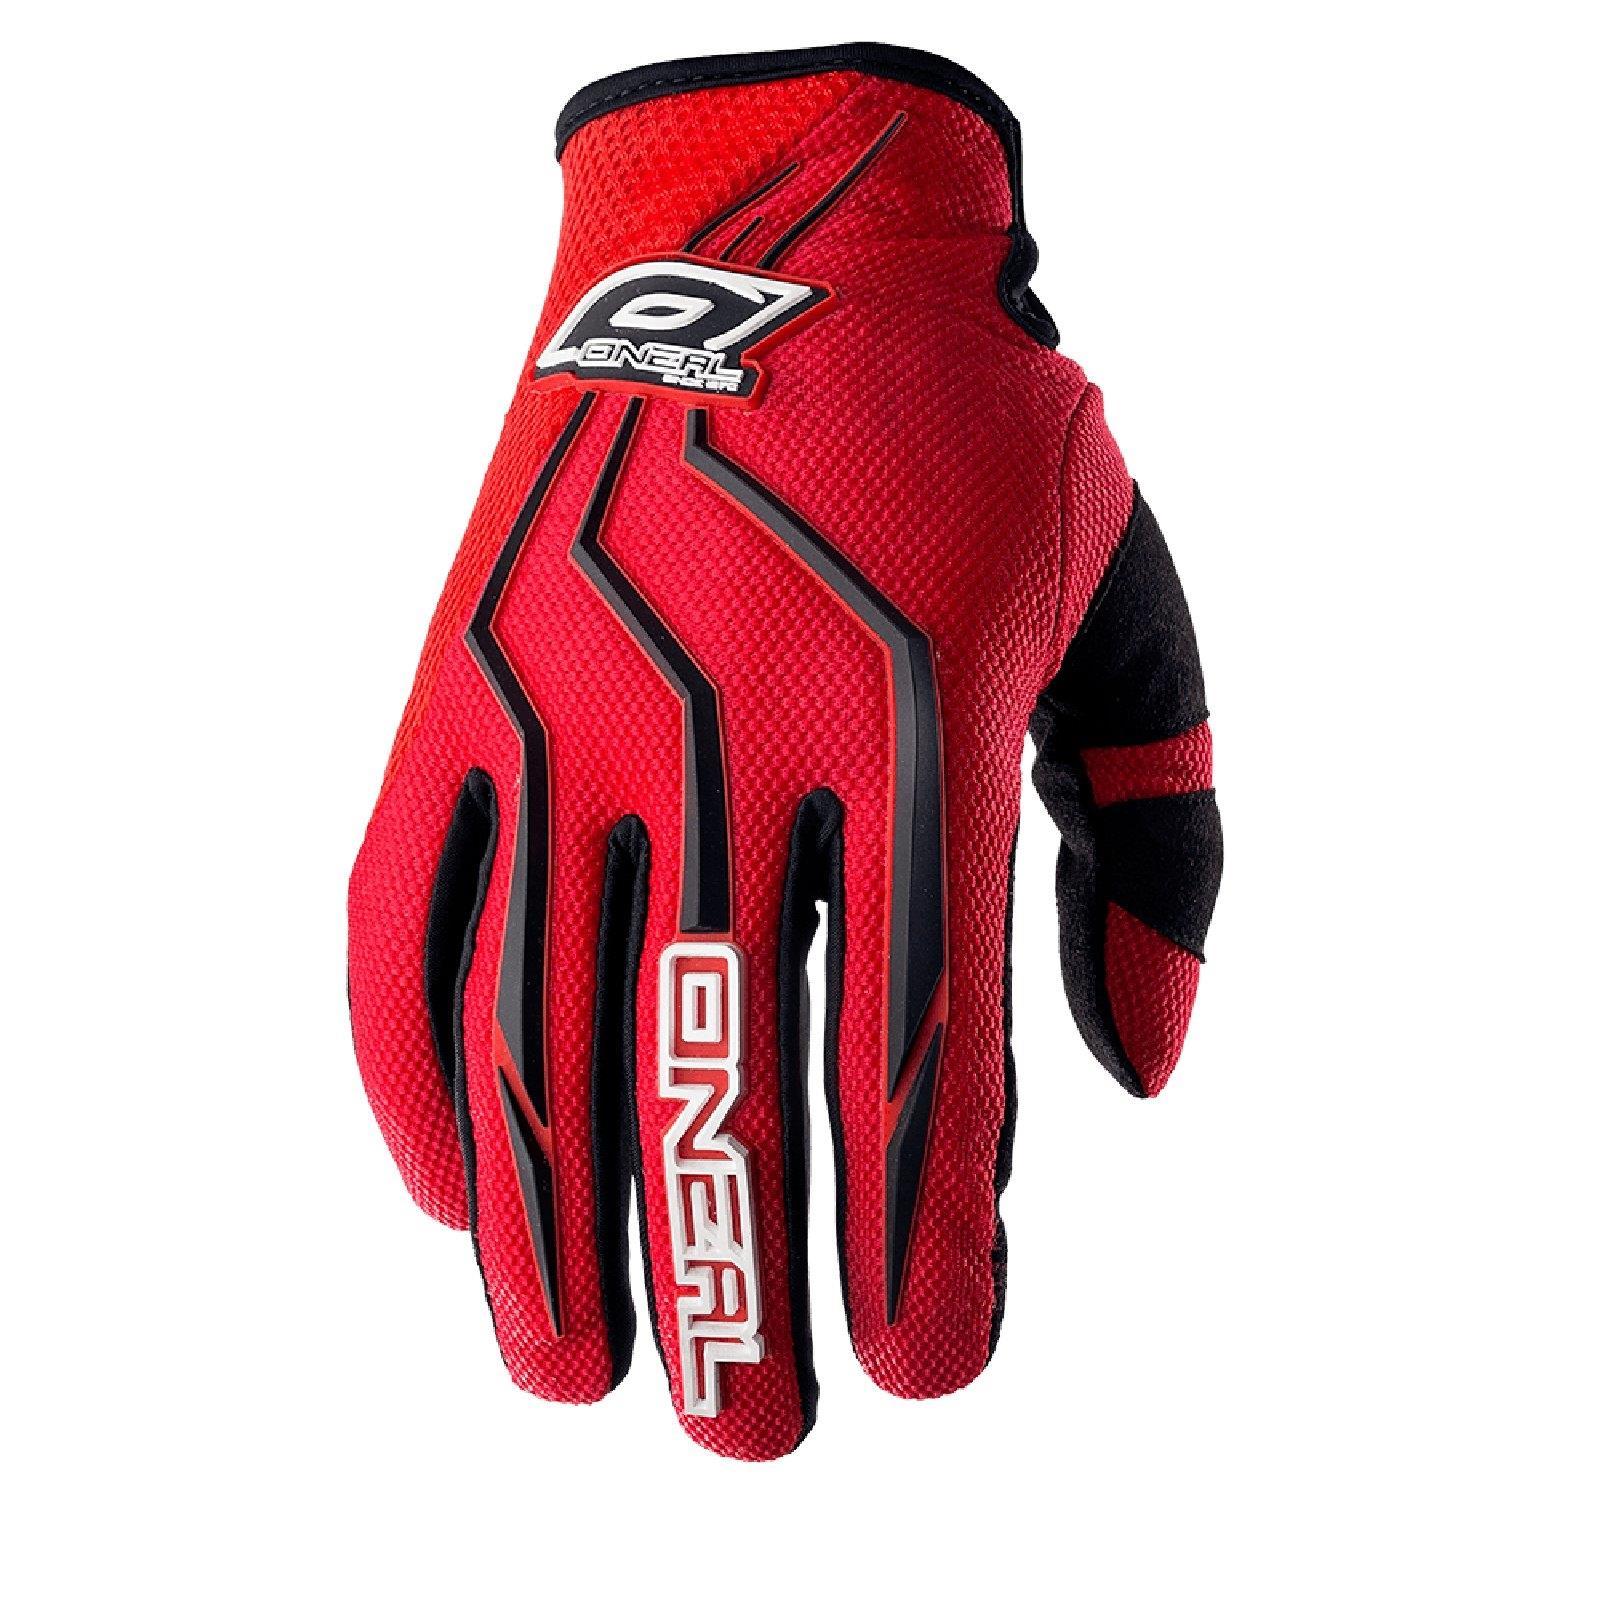 Oneal-elemento-MX-guantes-motocross-SX-enduro-Cross-moto-todo-terreno-todoterreno miniatura 6